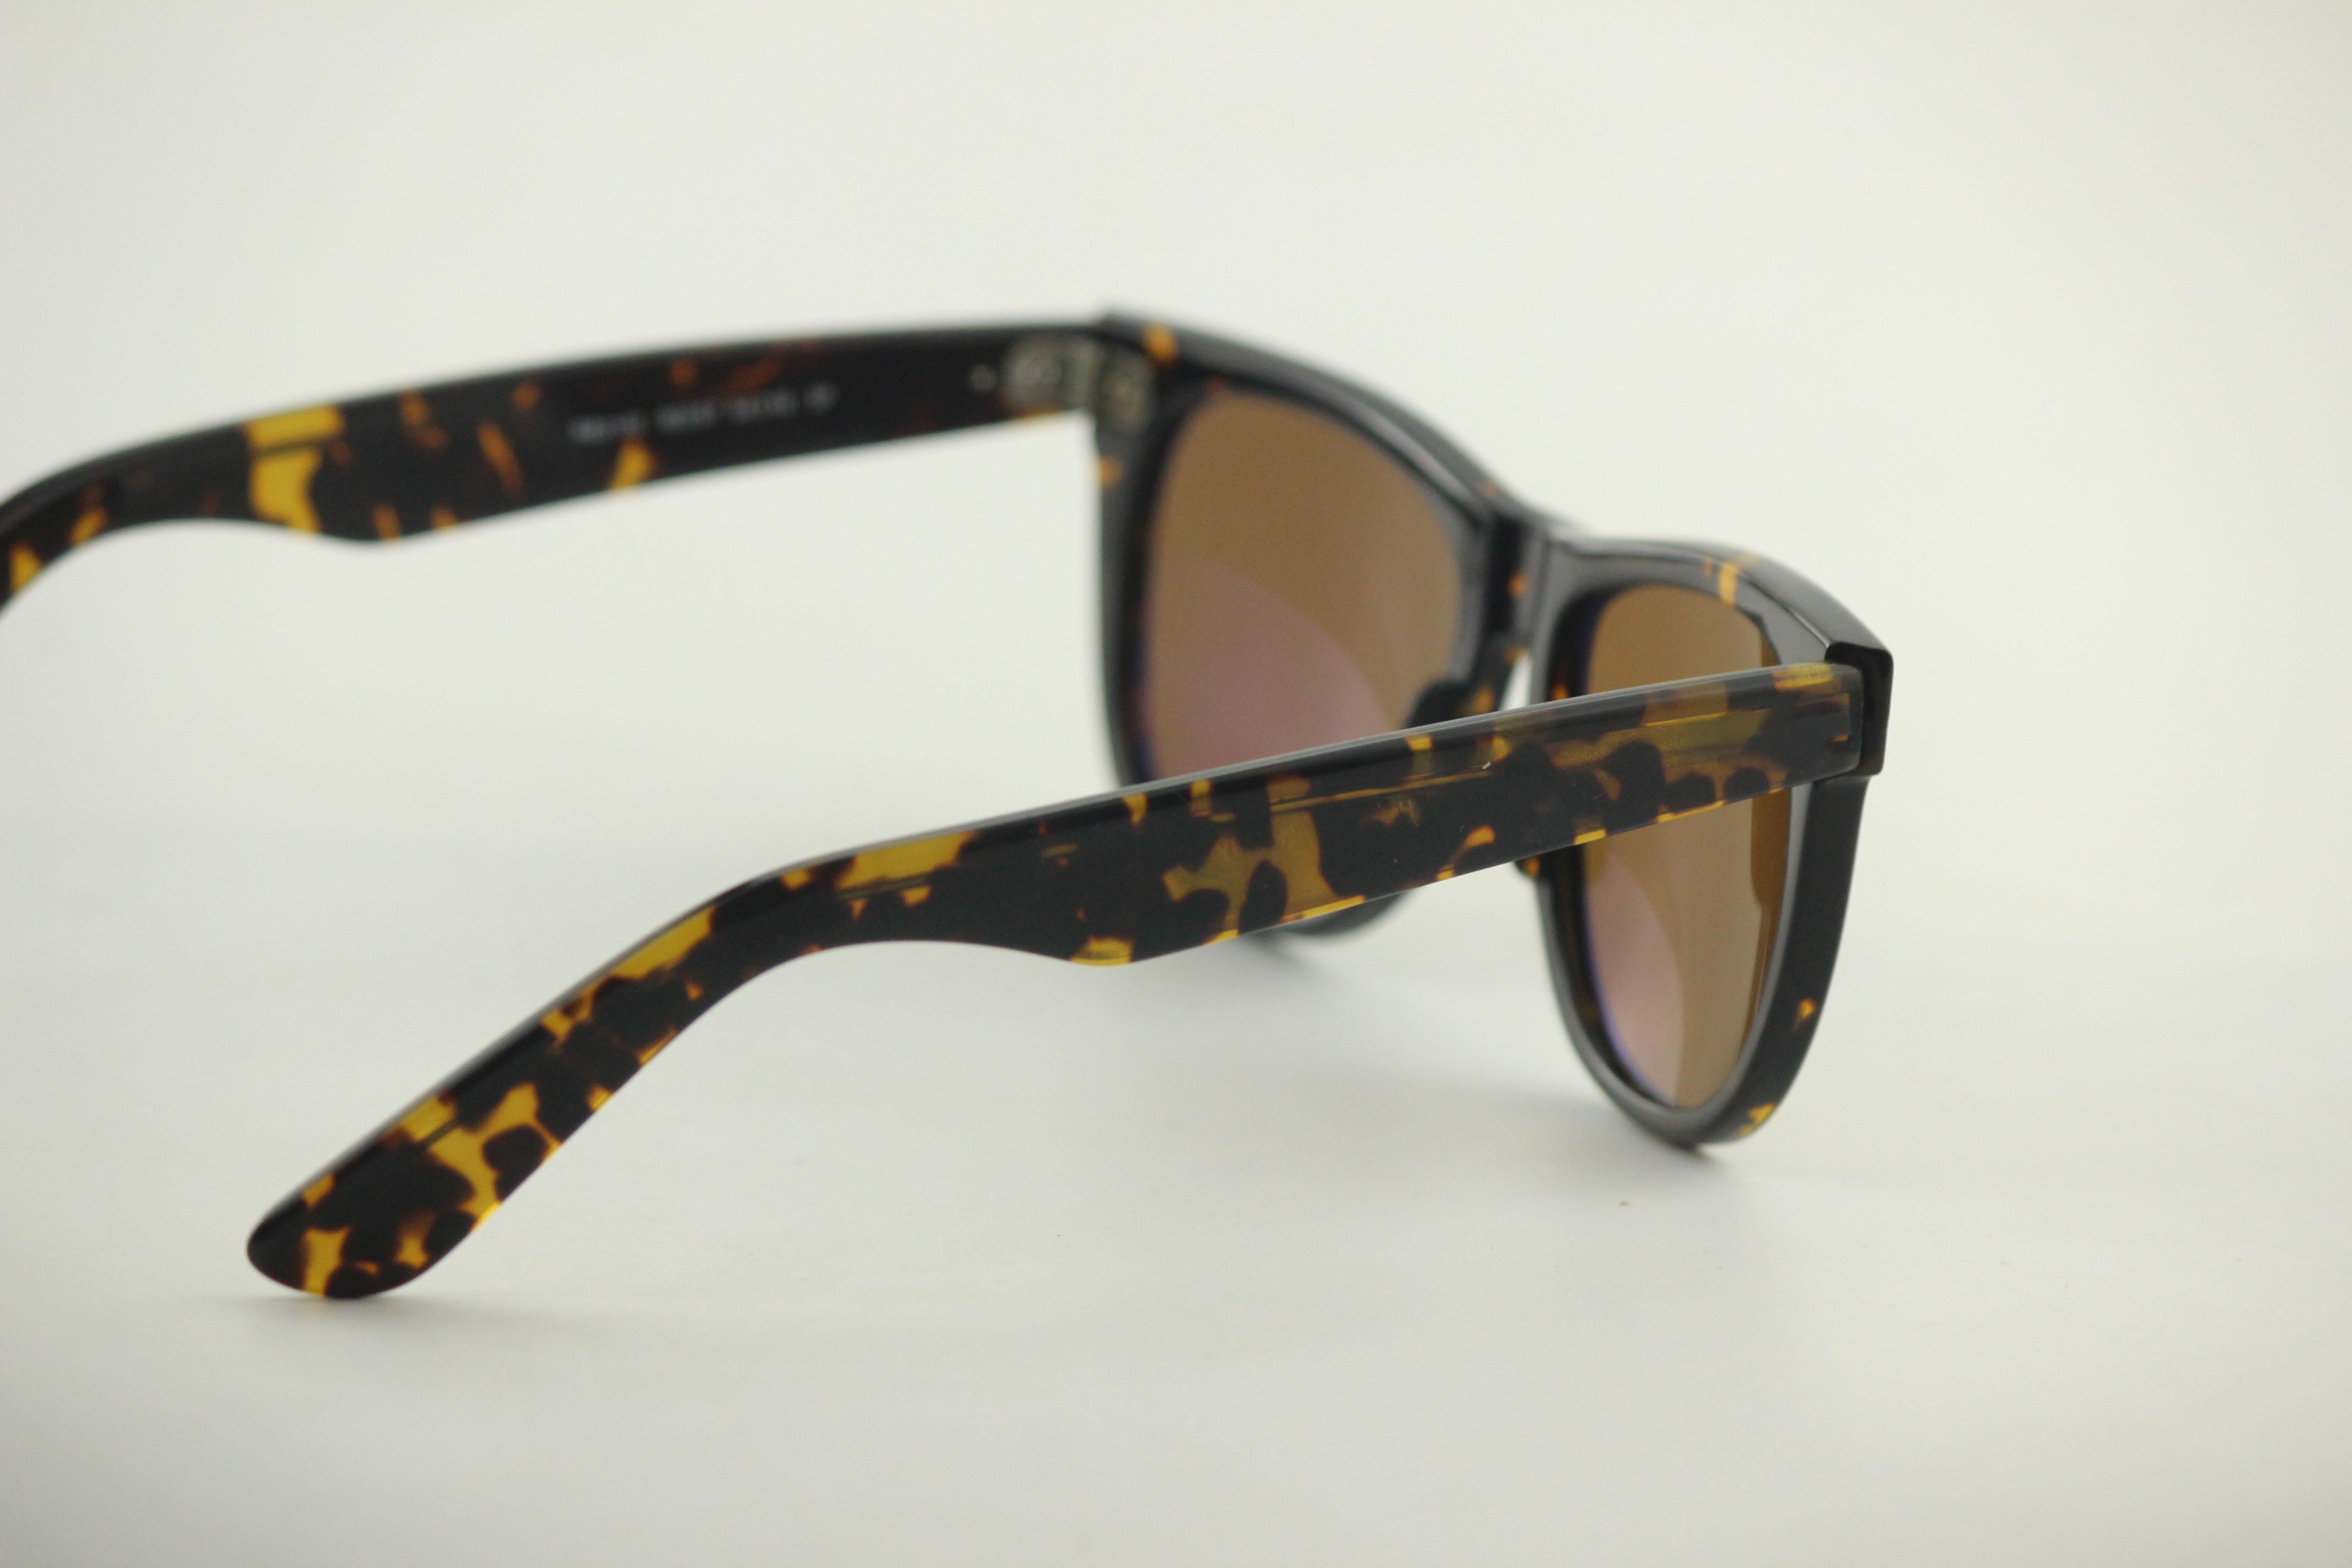 All'ingrosso-moda unisex plancia full frame aceta lenti in vetro scuro da donna occhiali da sole per vacanze all'aperto, gafas specchio alla moda con cornice tartaruga flash